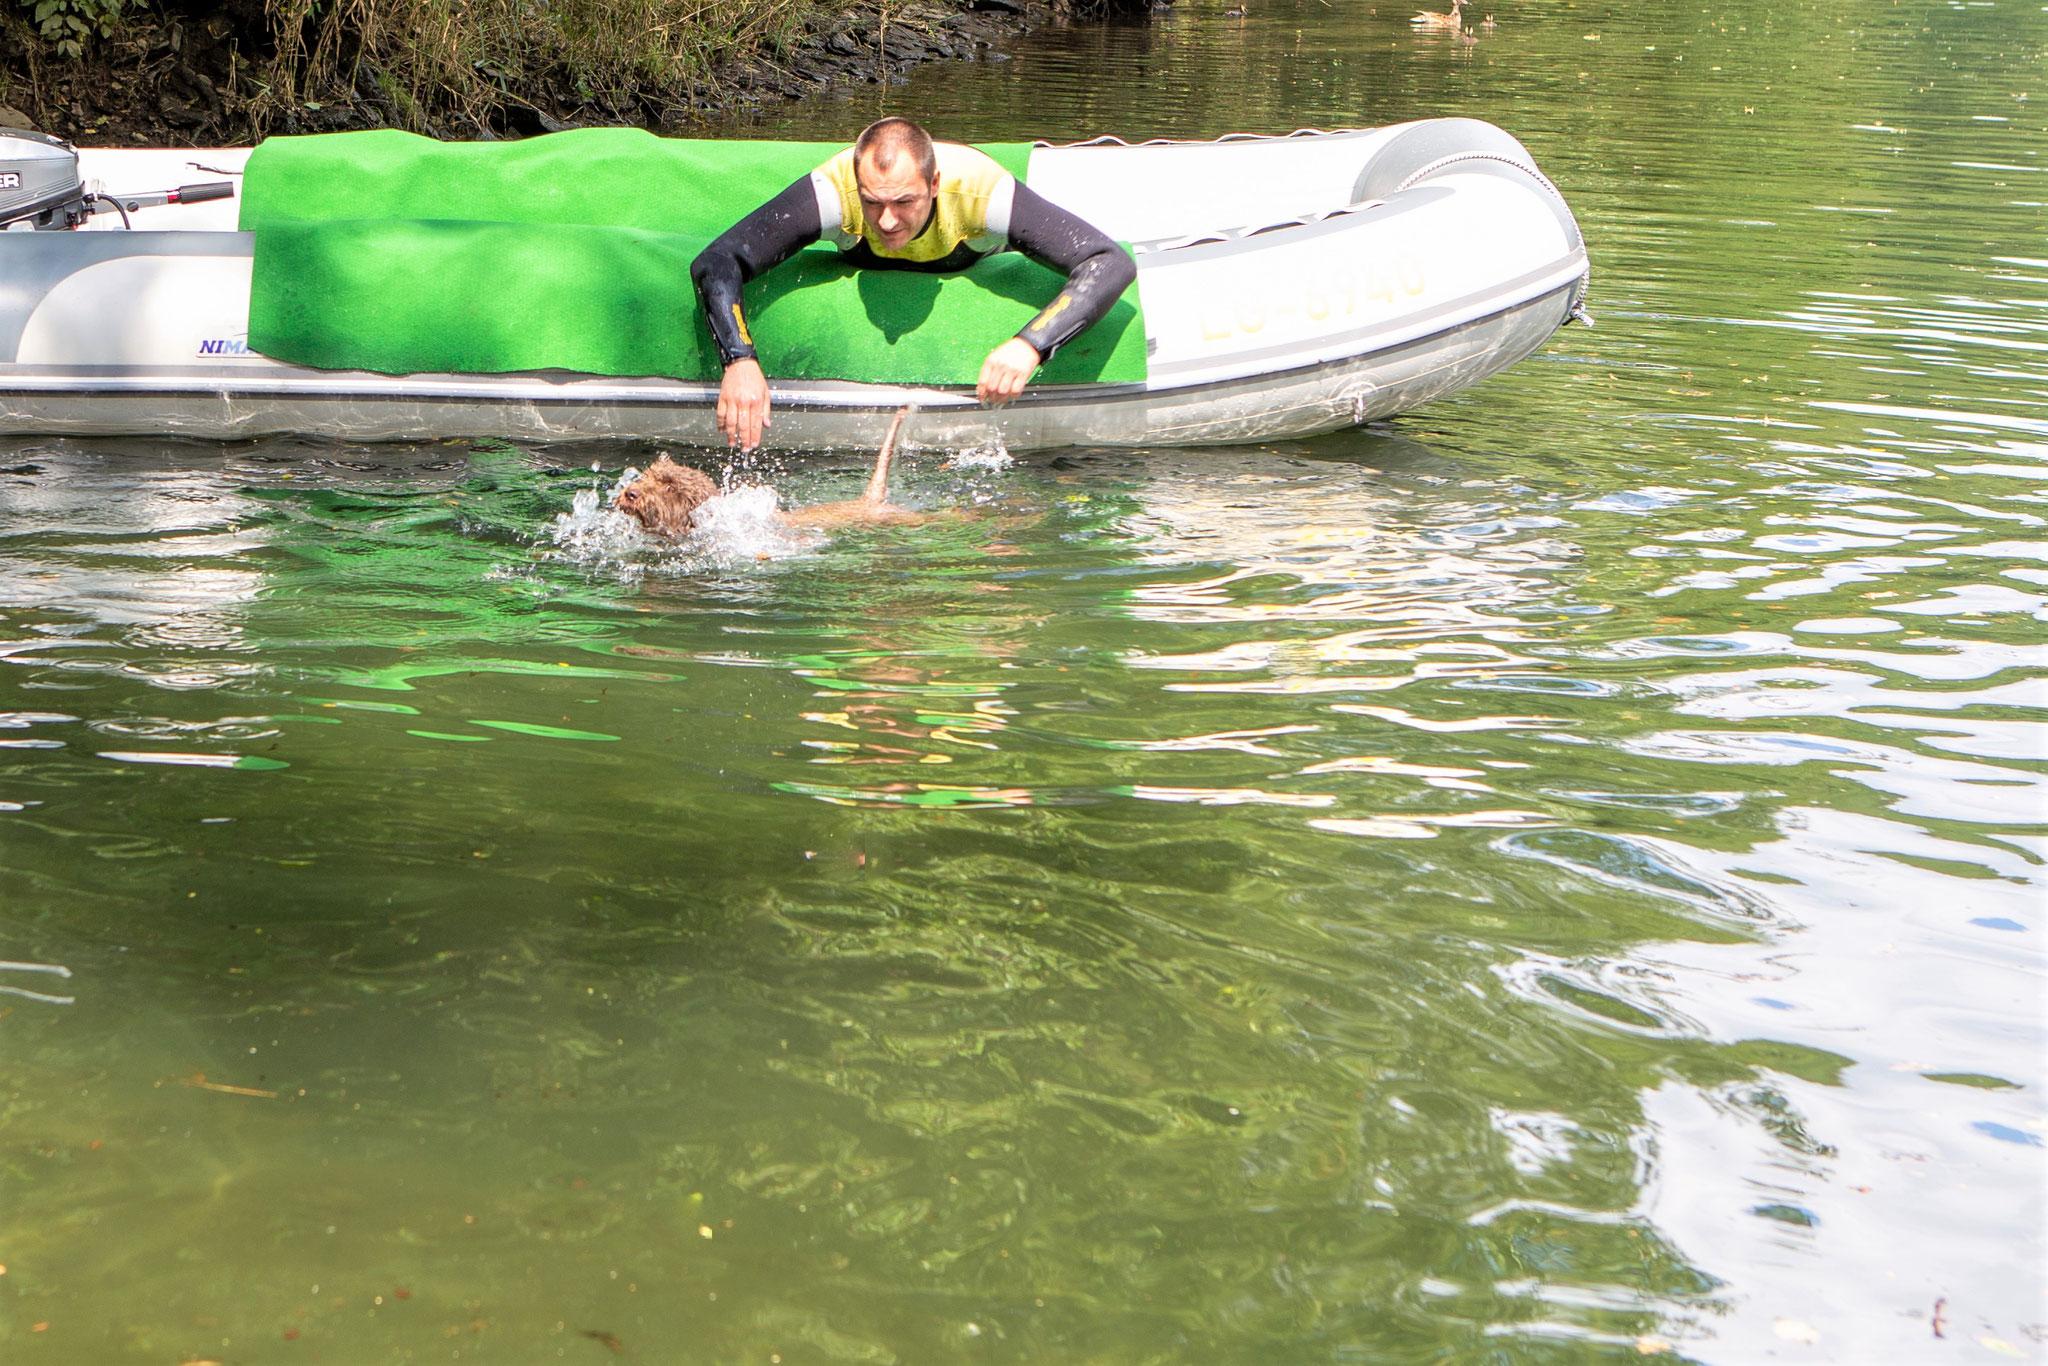 Sie wird vorsichtig ins Wasser gesetzt